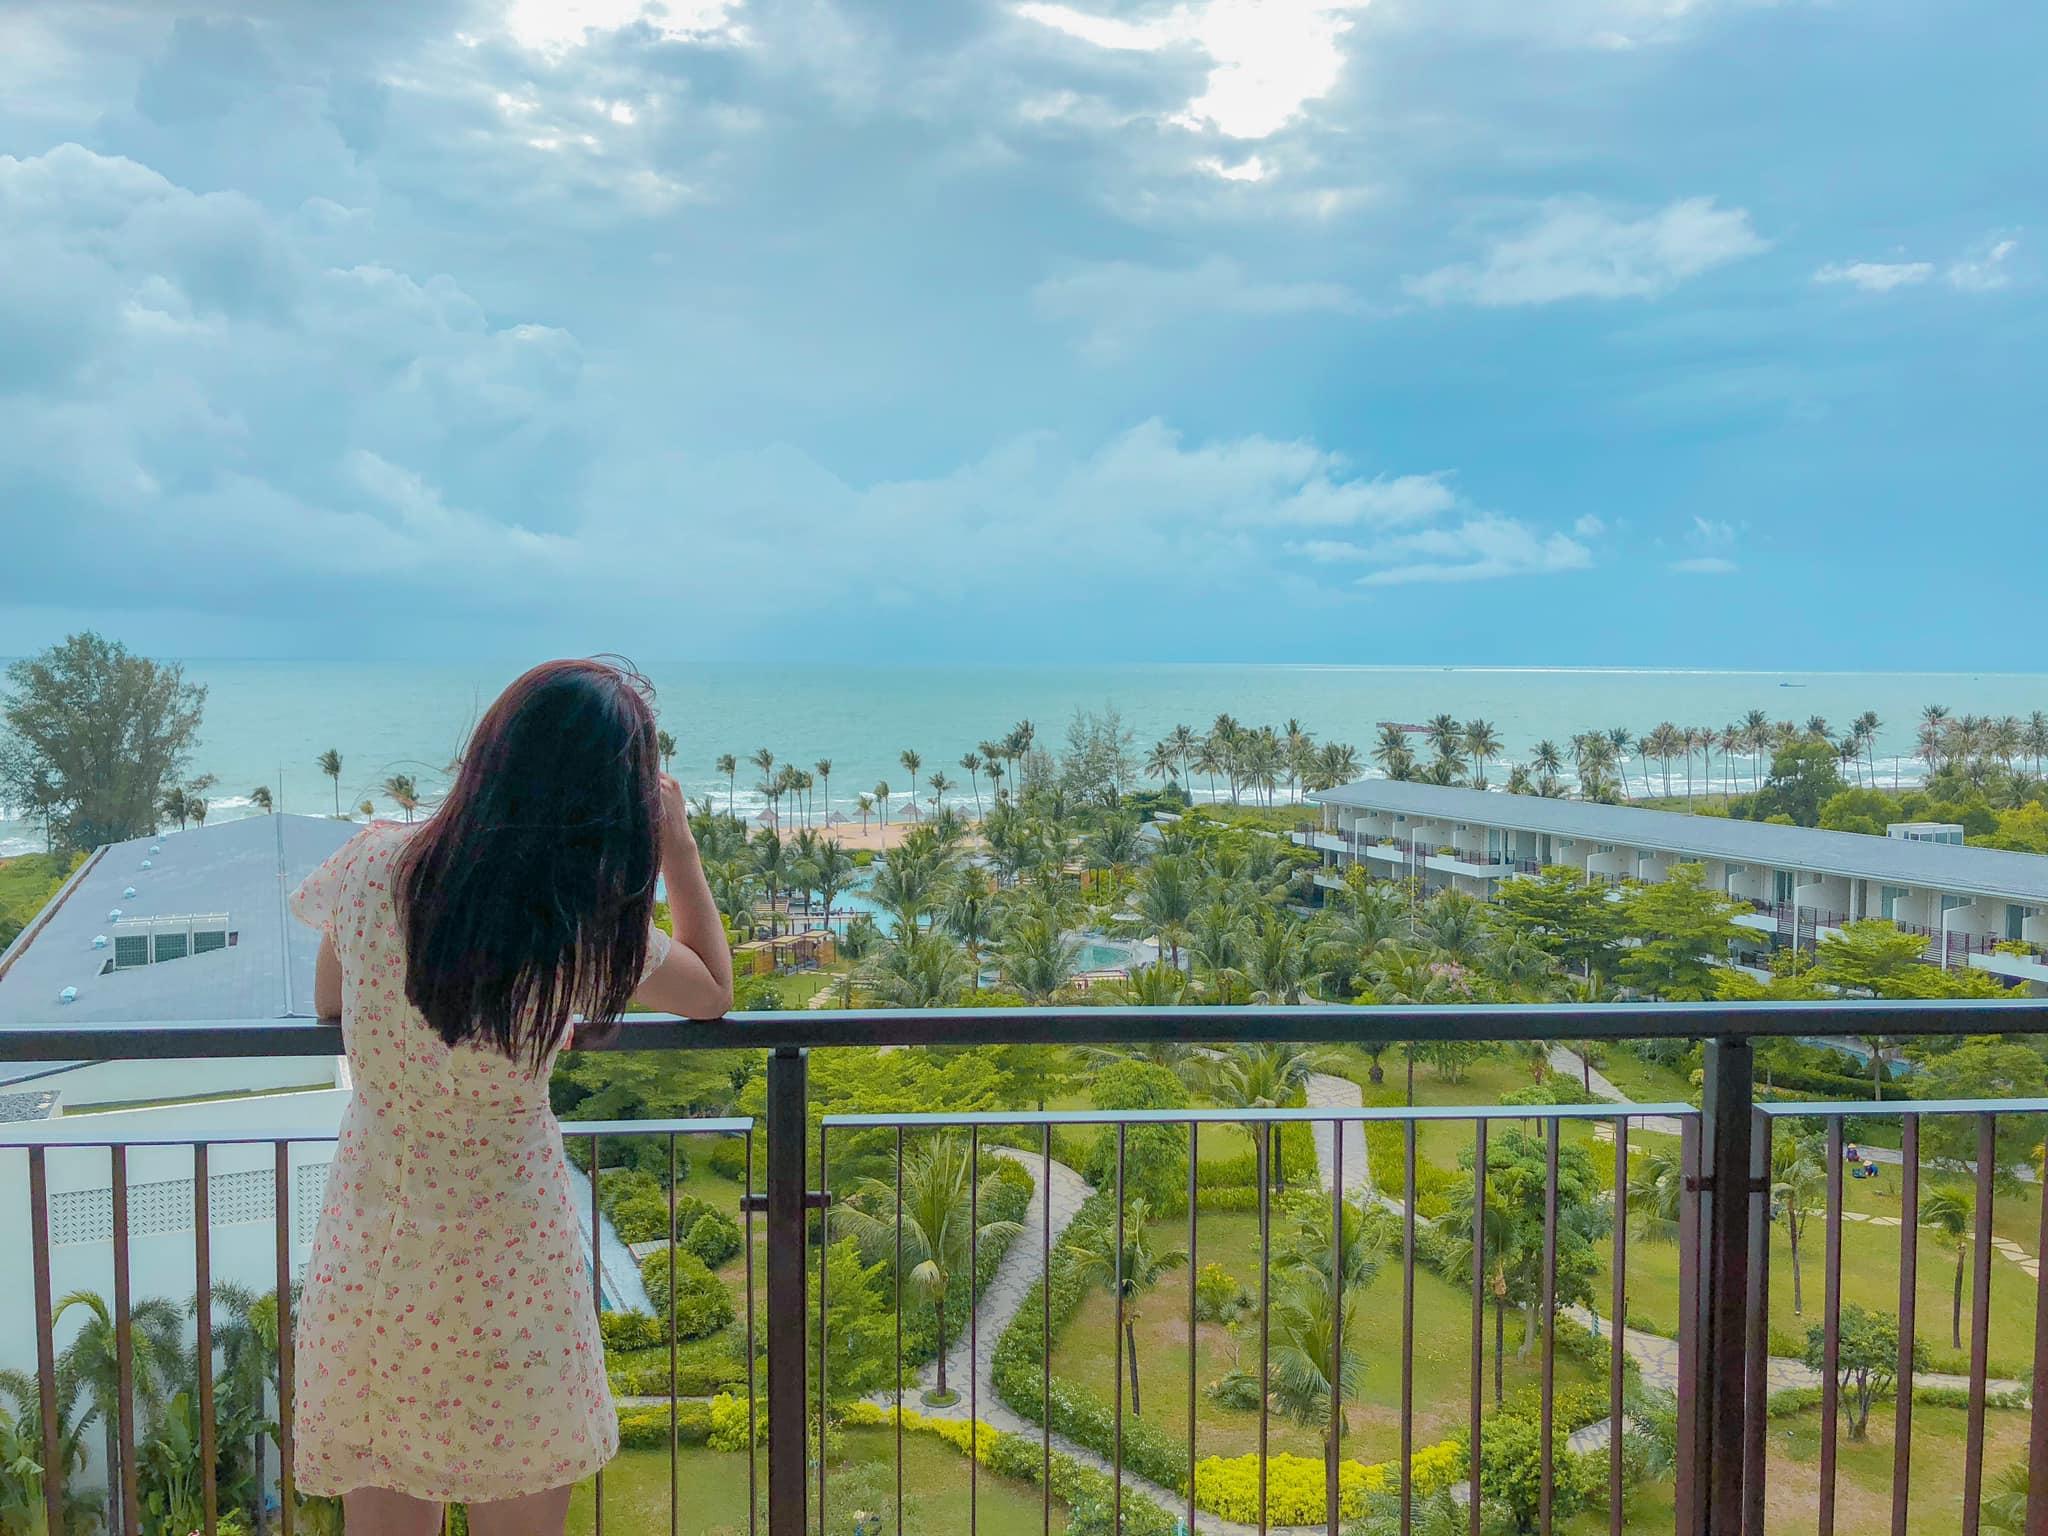 Tour du lịch Phú Quốc từ Hải Phòng: Trải nghiệm thiên đường nghỉ dưỡng số một Việt Nam - Ảnh 6.